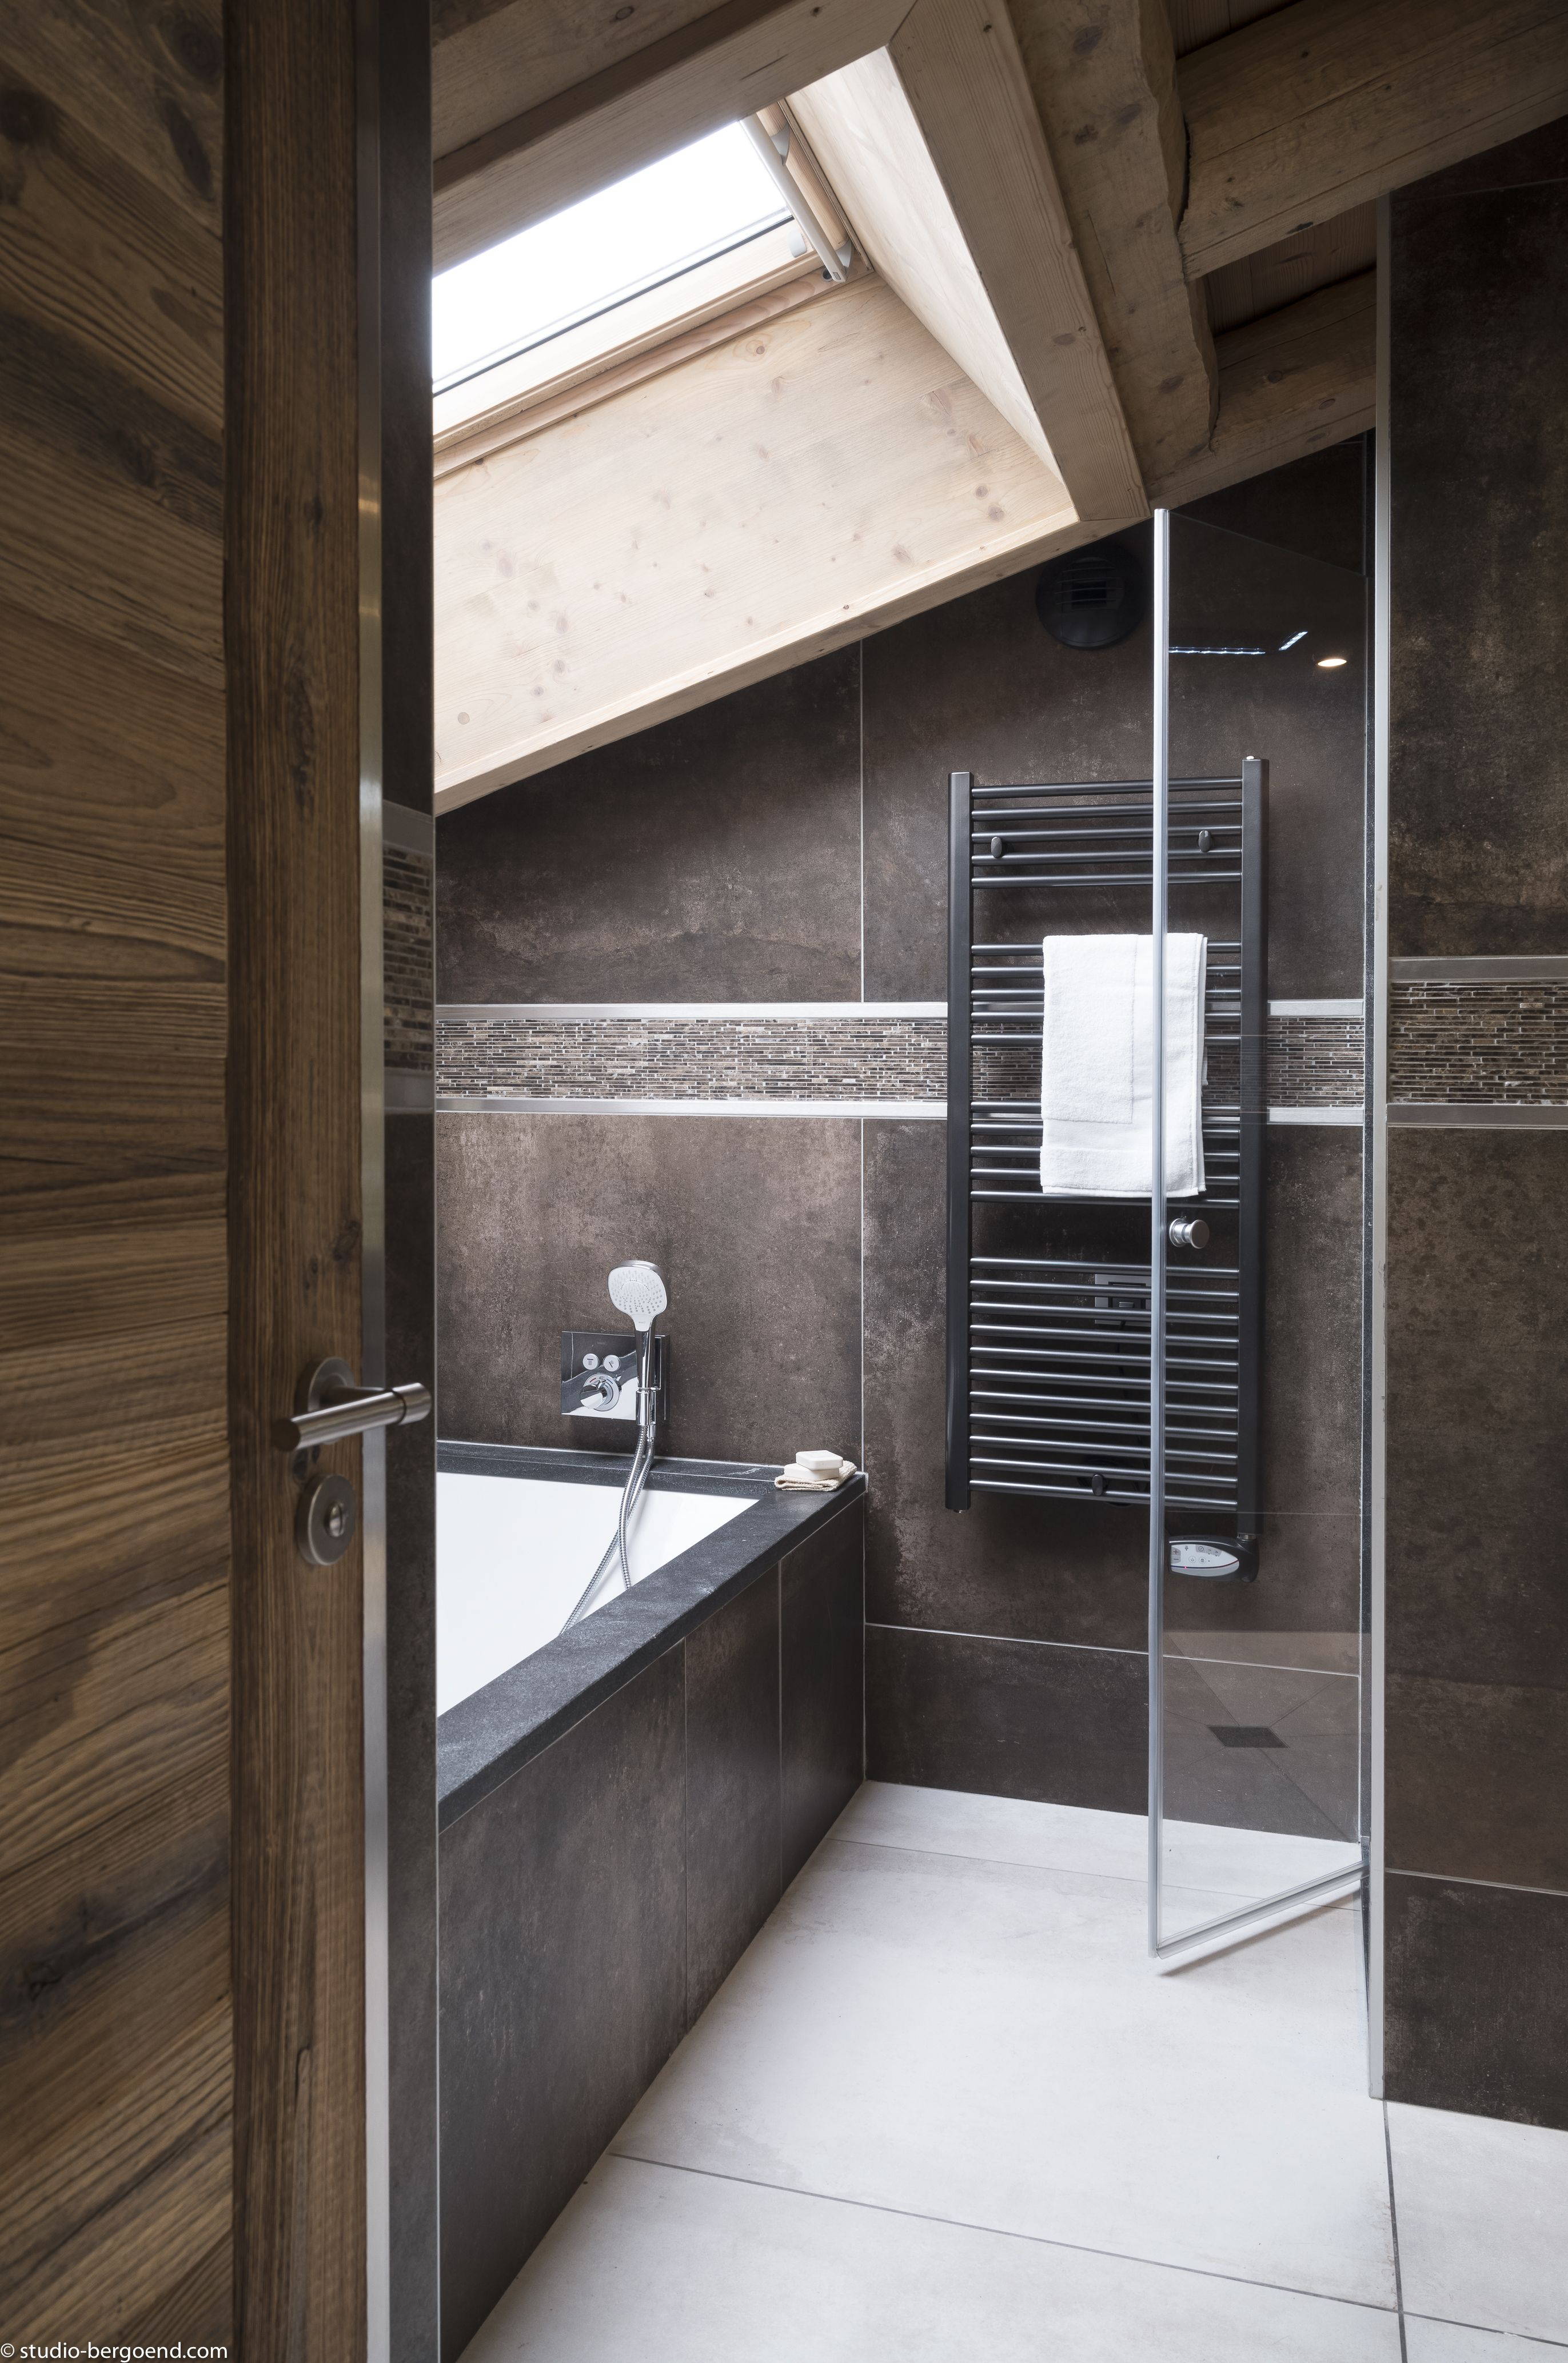 Salle De Bains Haut De Gamme Sous Les Toits Avec Baignoire - Carrelage marron salle de bain